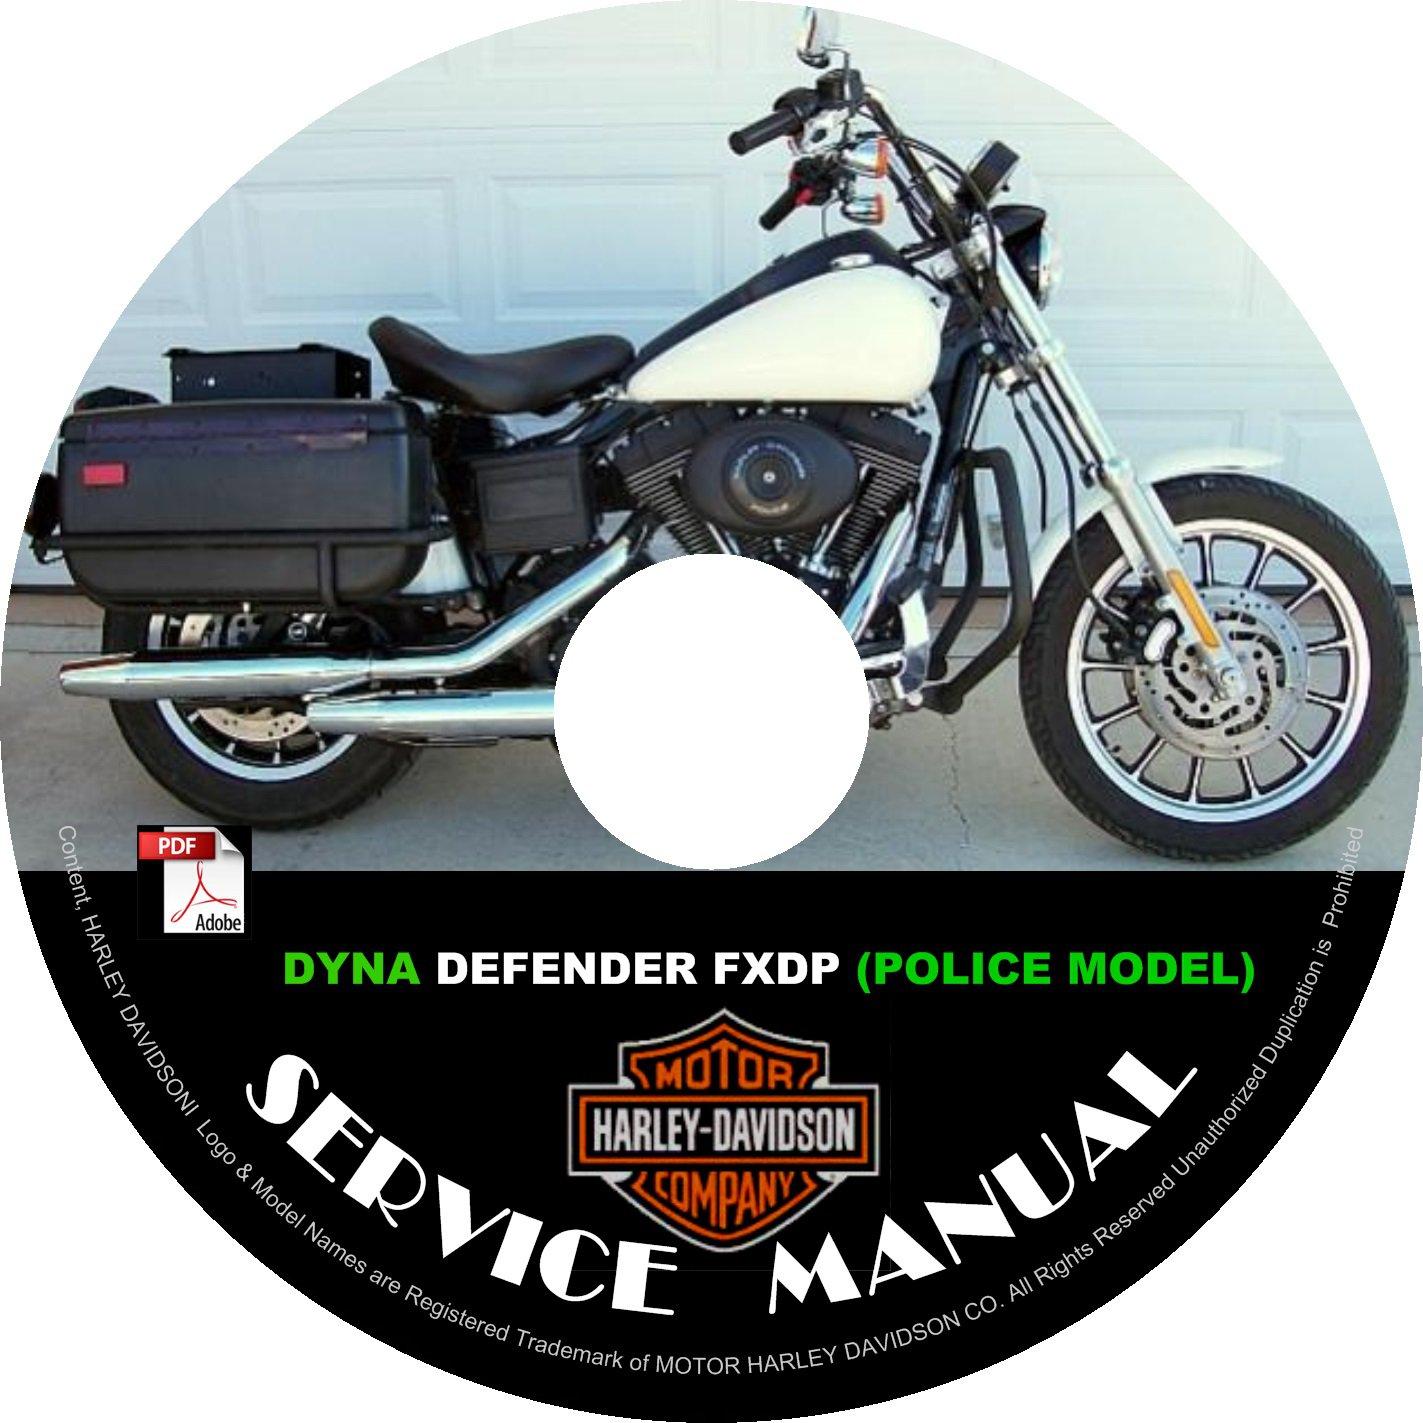 2001 Harley Davidson DYNA DEFENDER FXDP POLICE Service Repair Shop Manual on CD Fix Rebuild Workshop